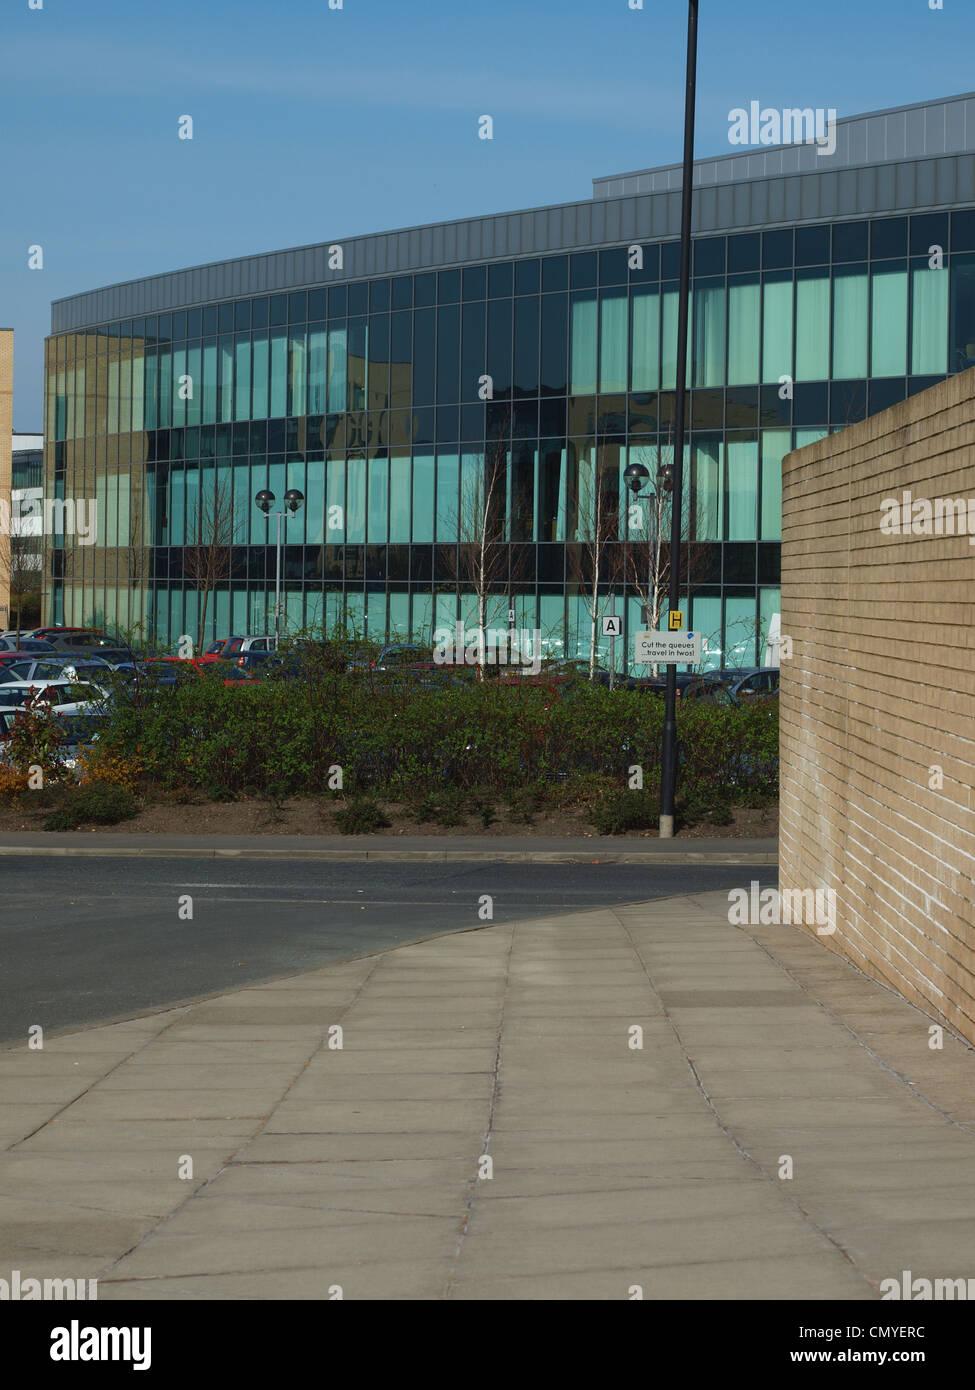 Ein Fußgängerweg flankiert von einer Mauer mit Klasse Plattenbauten im Hintergrund im Kobalt Business Stockbild